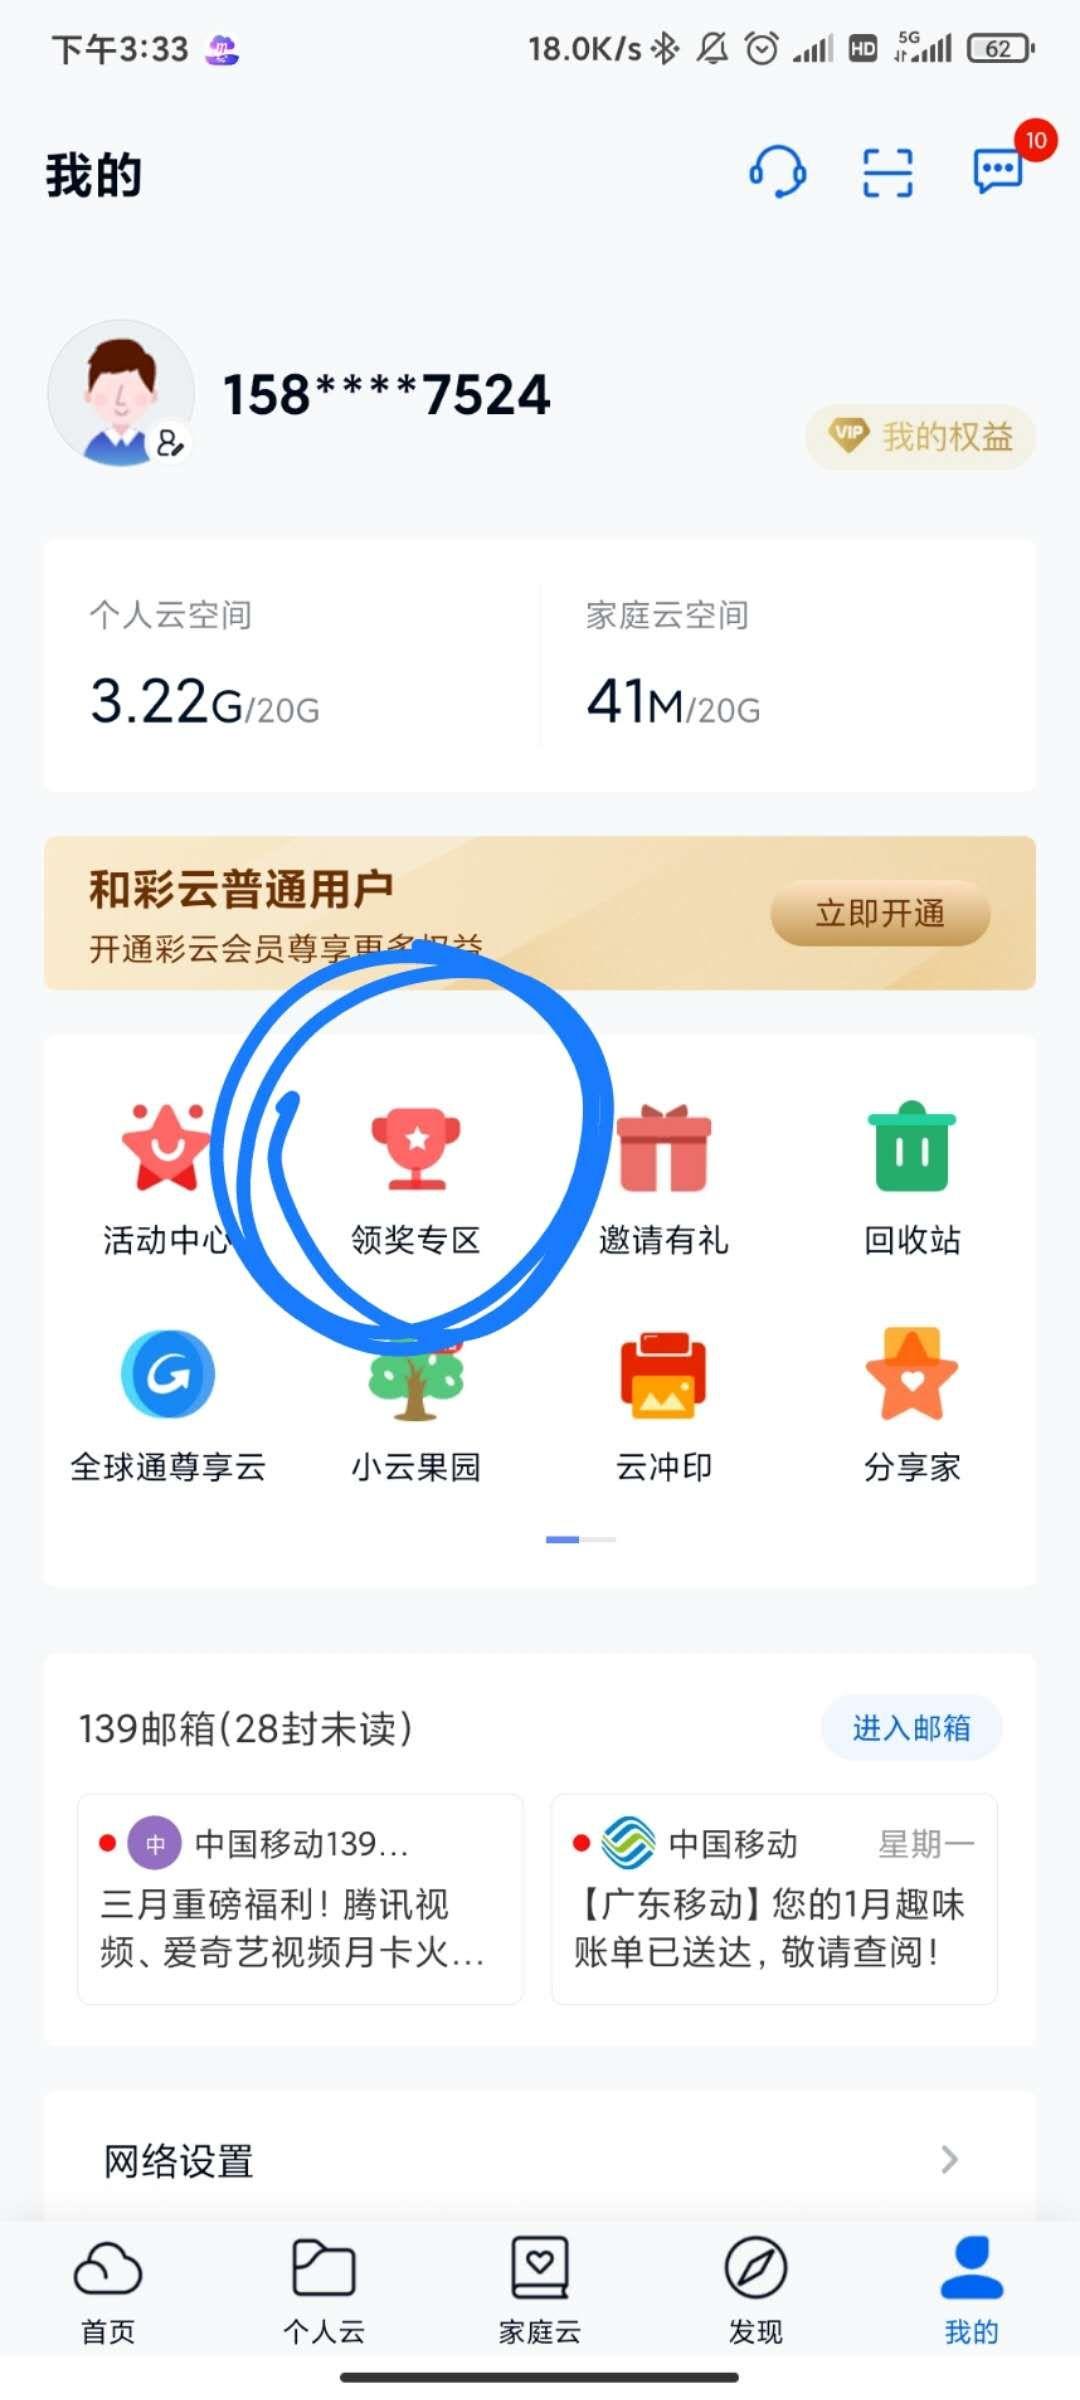 广东移动免费领5快,简单粗暴几分钟插图2